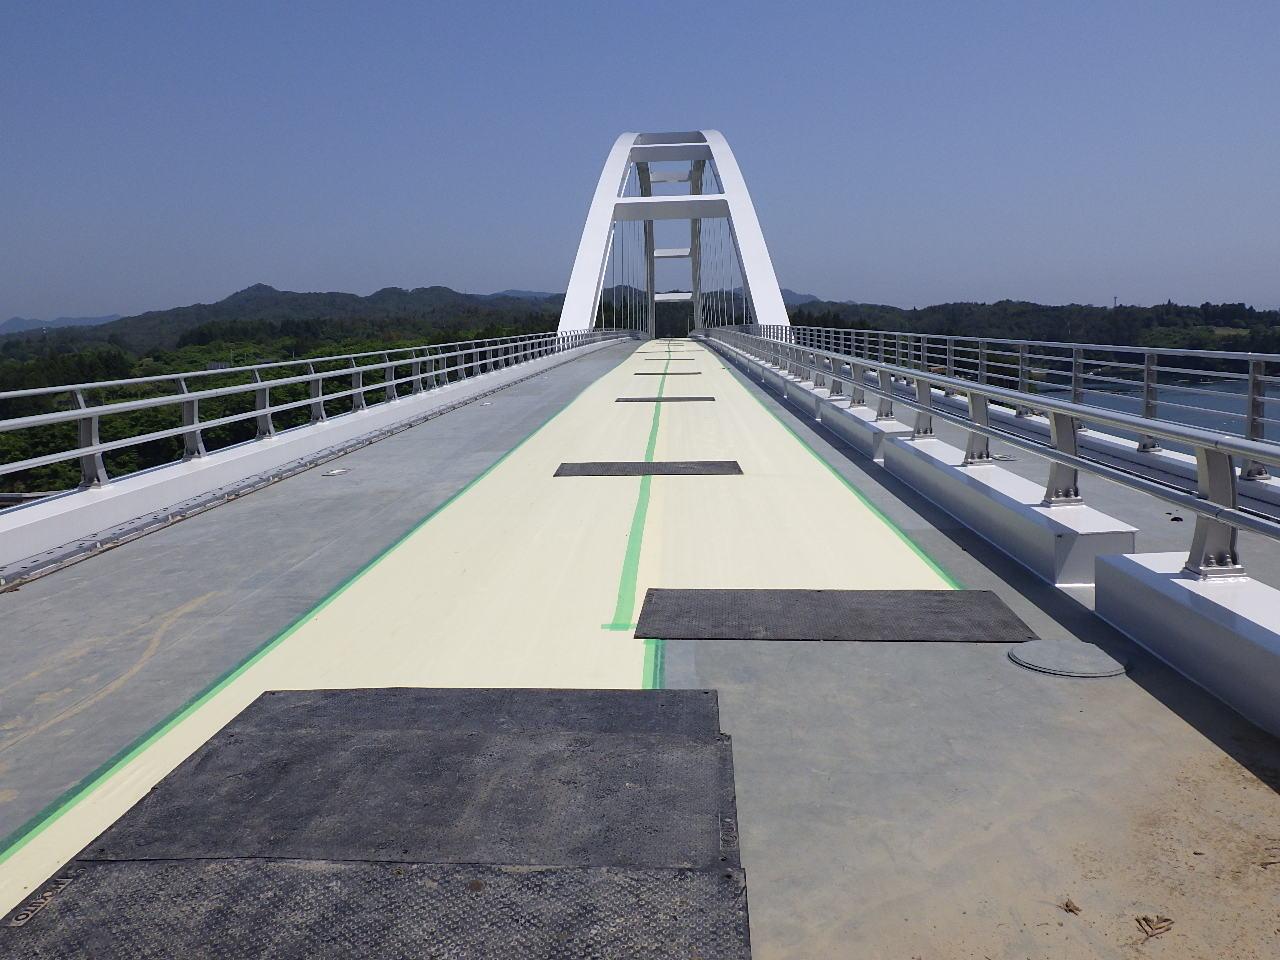 Toei Concrete Official Blog